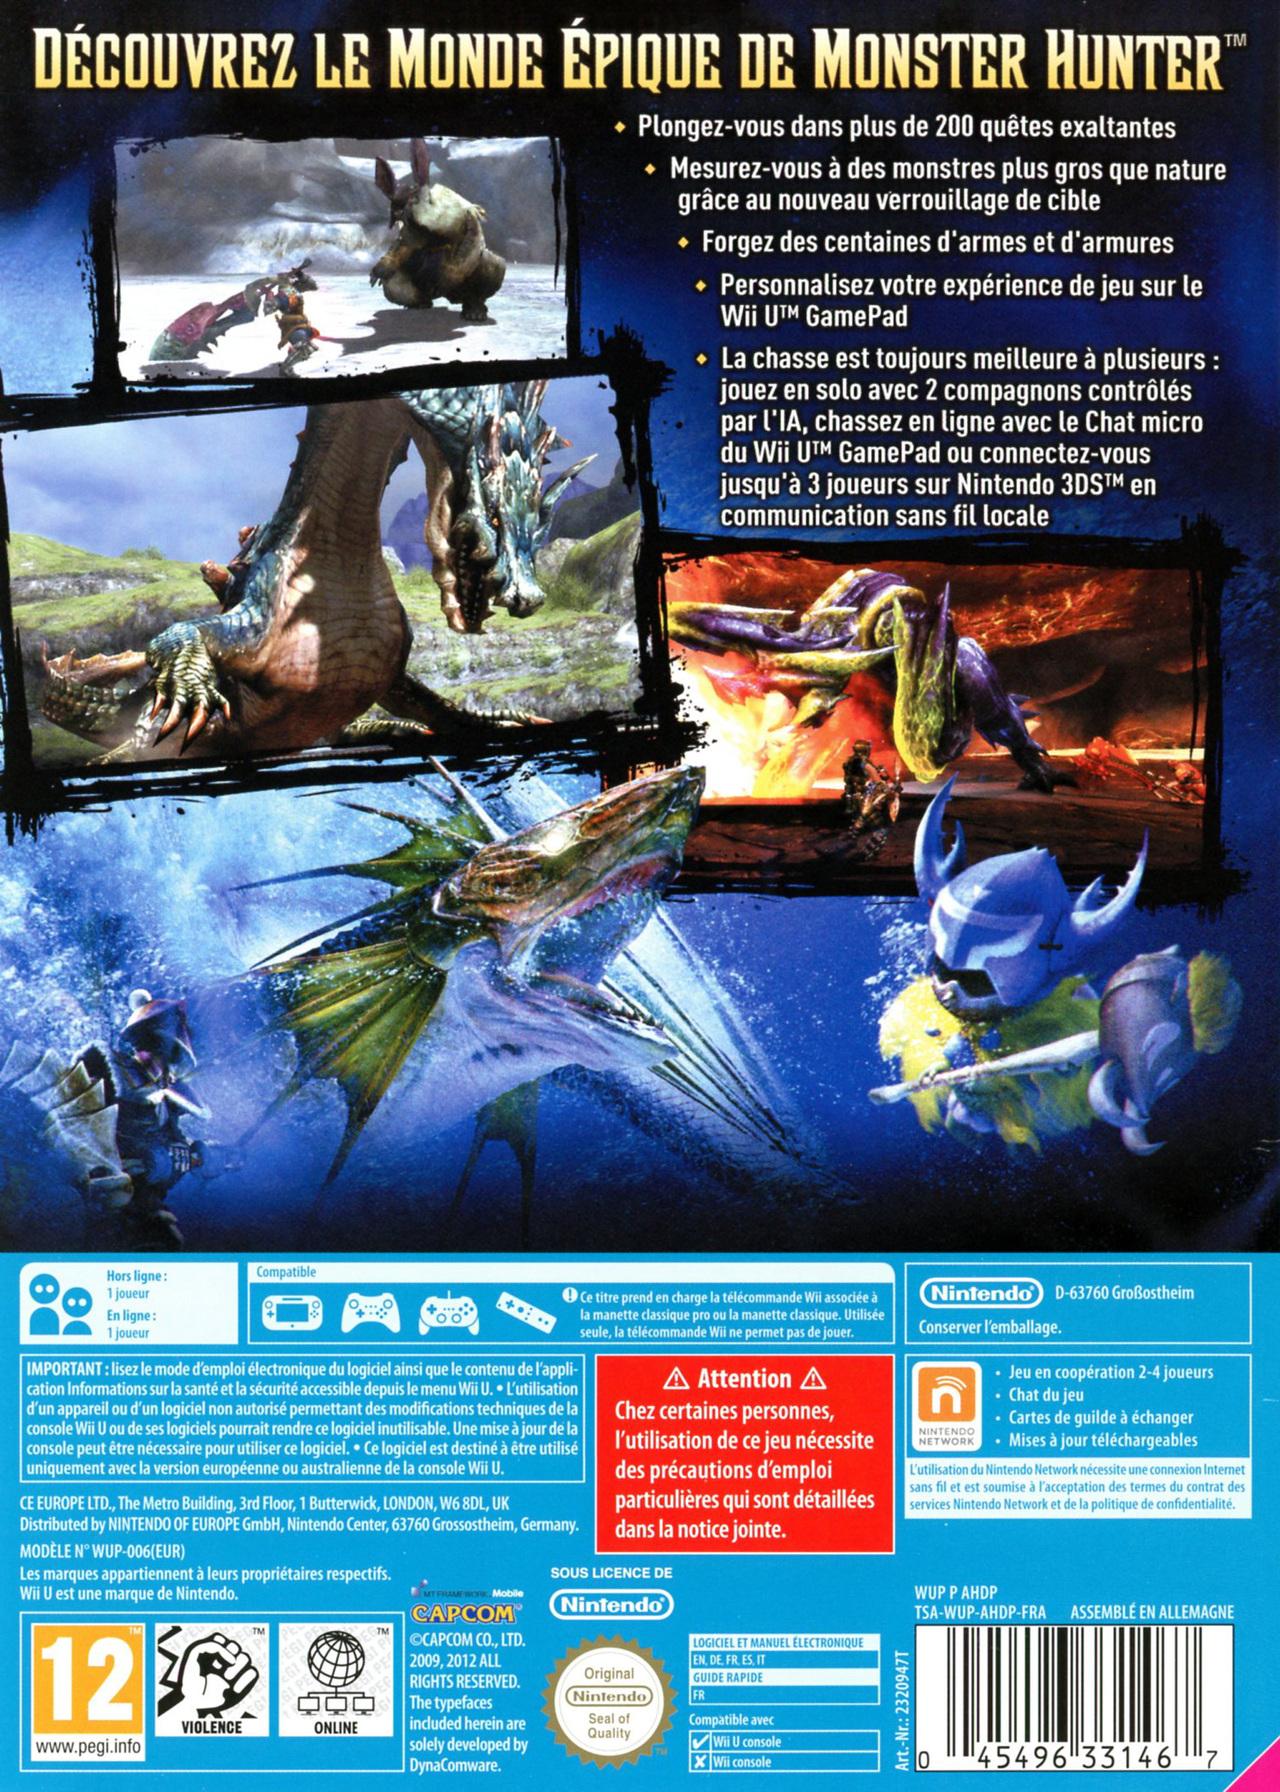 jeuxvideo.com Monster Hunter 3 Ultimate - Wii U Image 2 sur 445